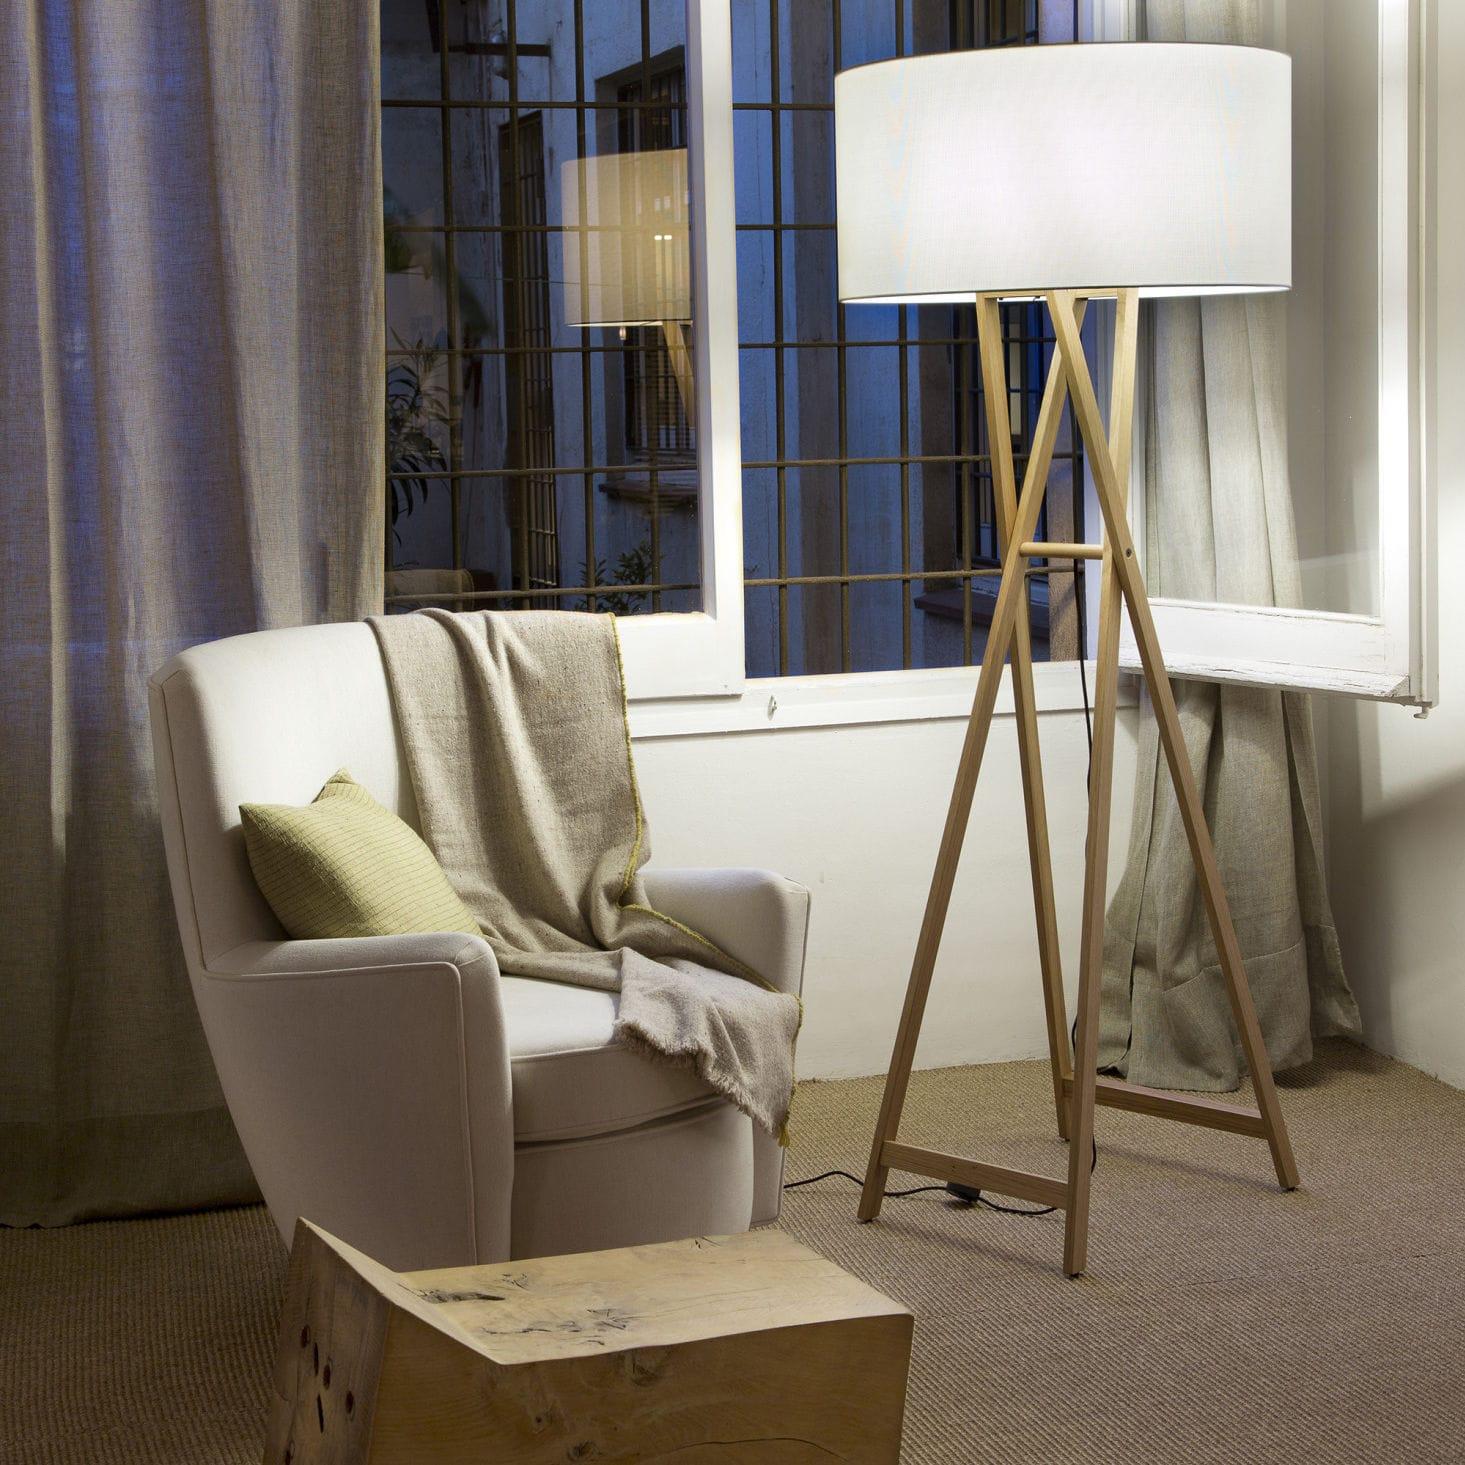 Full Size of Stehlampe Modern Küche Holz Schlafzimmer Moderne Bilder Fürs Wohnzimmer Deckenleuchte Stehlampen Deckenlampen Modernes Sofa Esstische Landhausküche Bett Wohnzimmer Stehlampe Modern